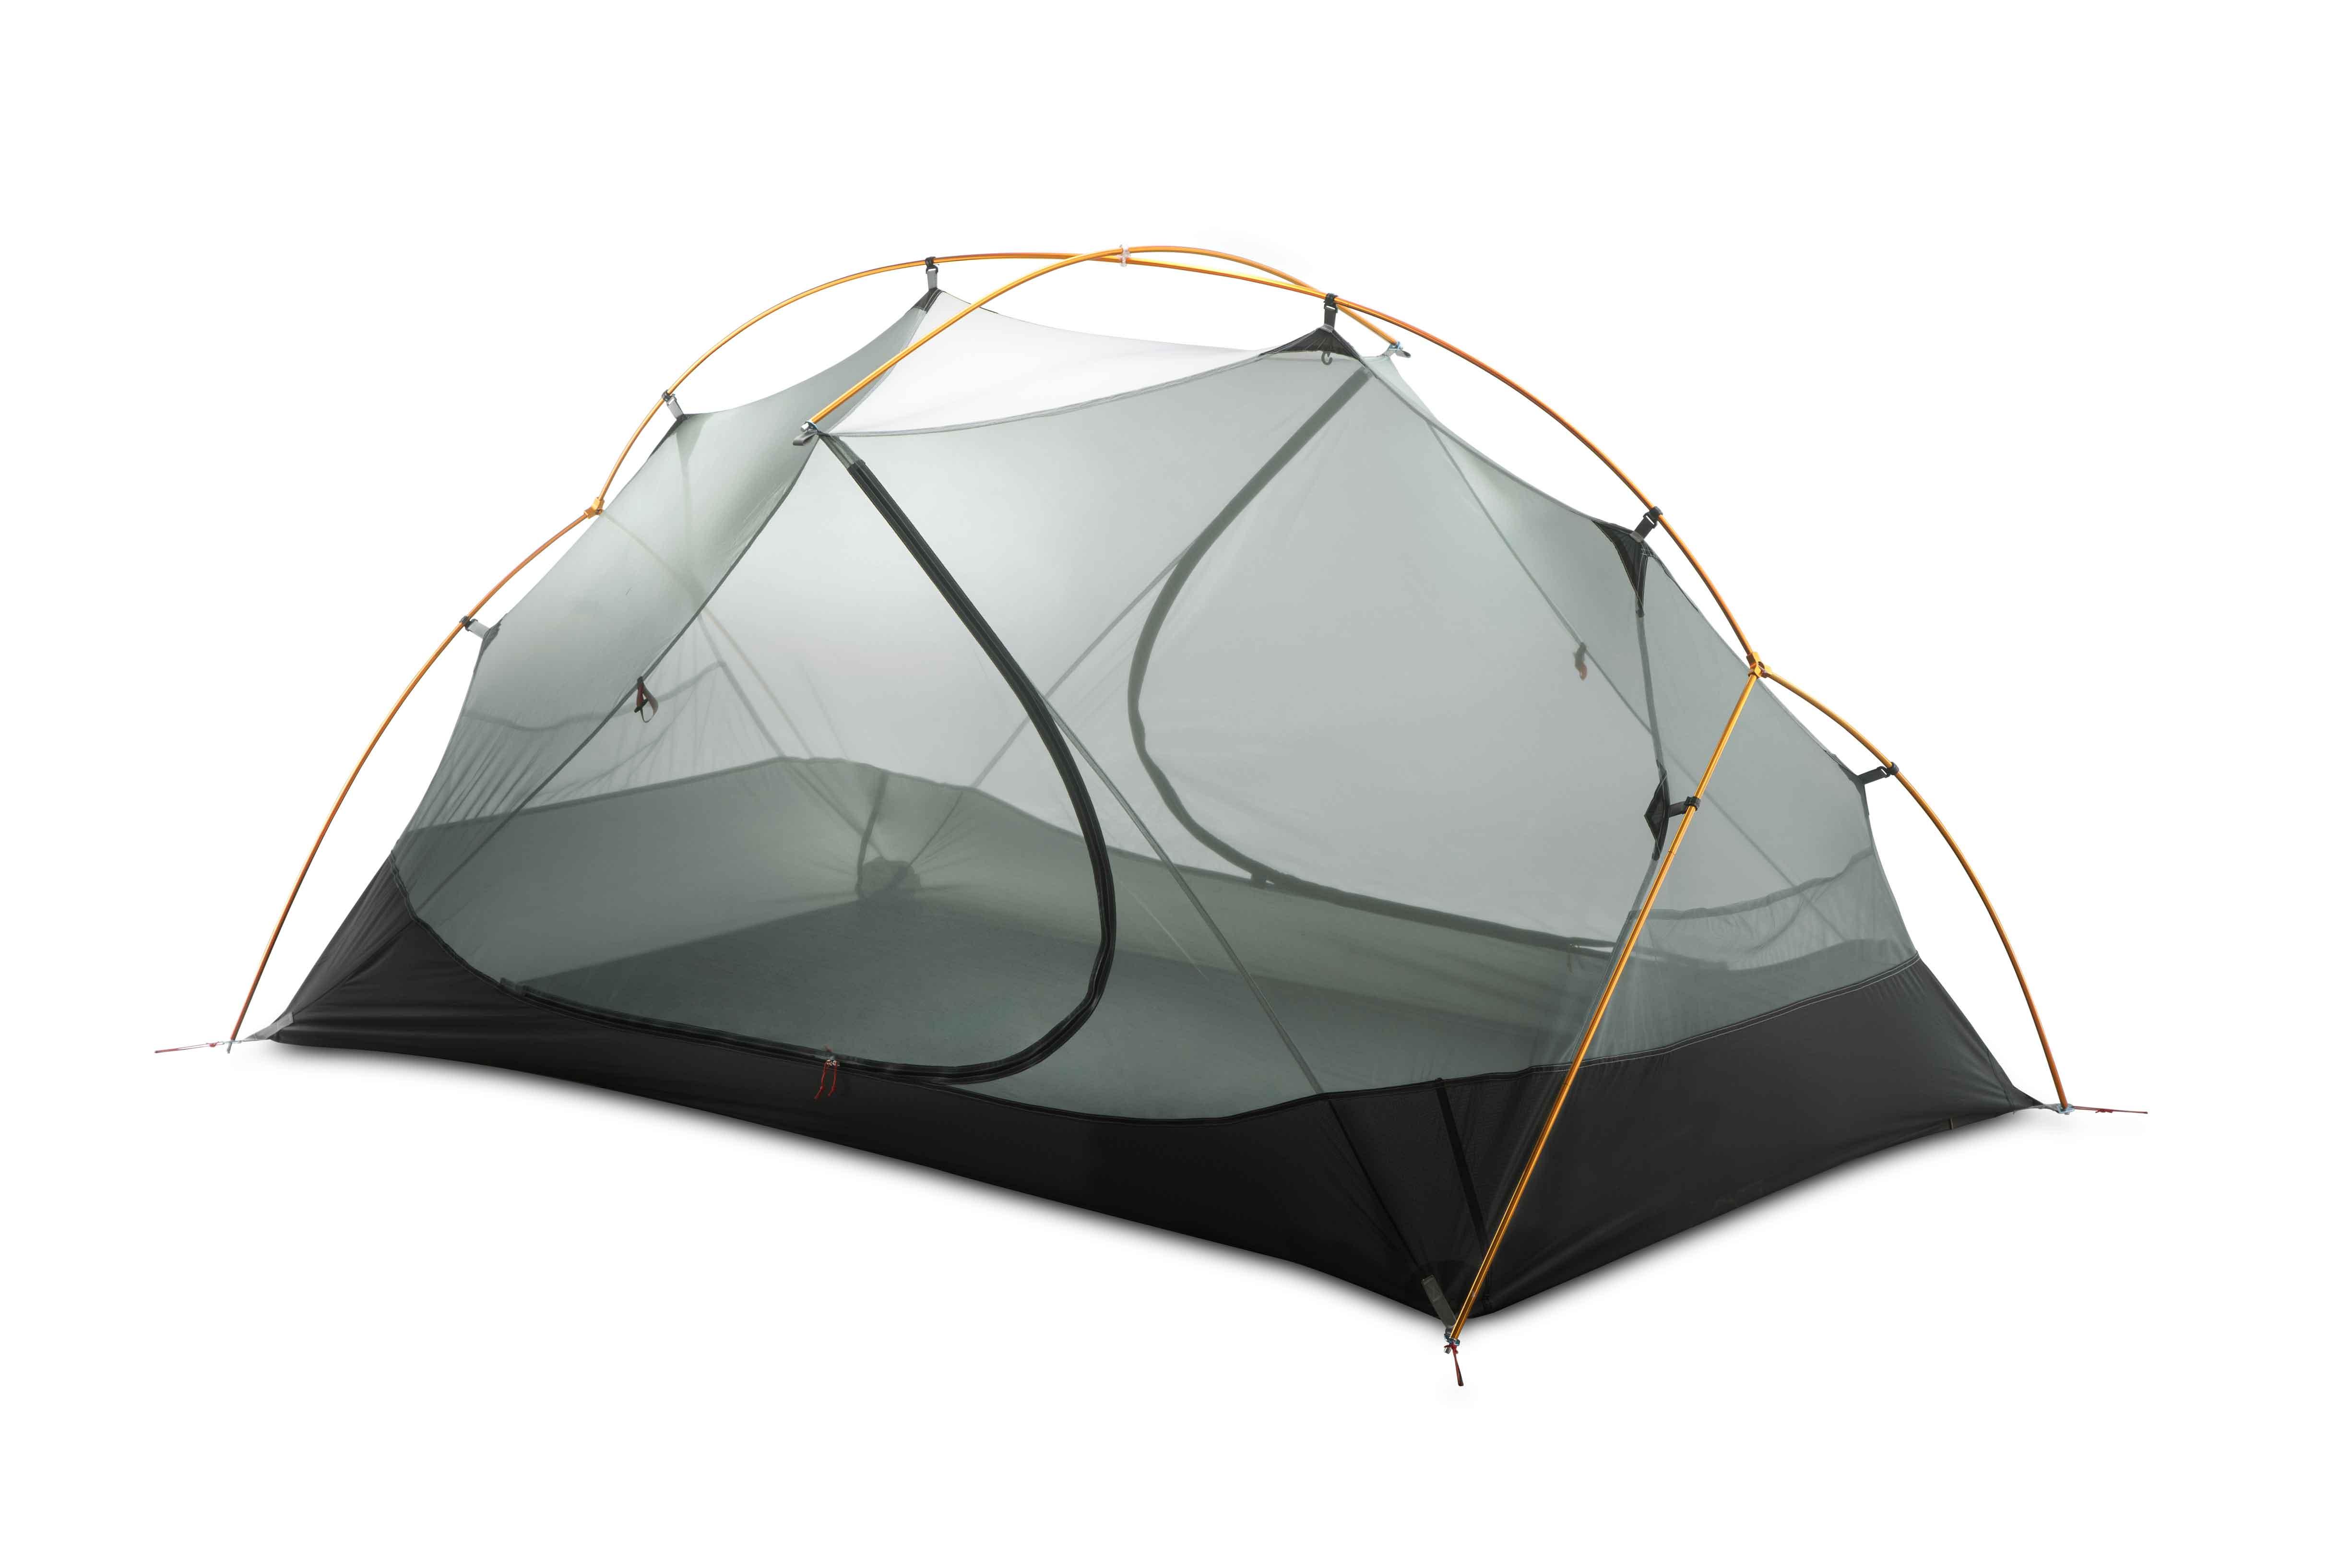 3F ul gear 2 человека 3/4 сезон Внутренняя палатка дышащая Сверхлегкая палатка для MRS Hubba Внутренняя палатка